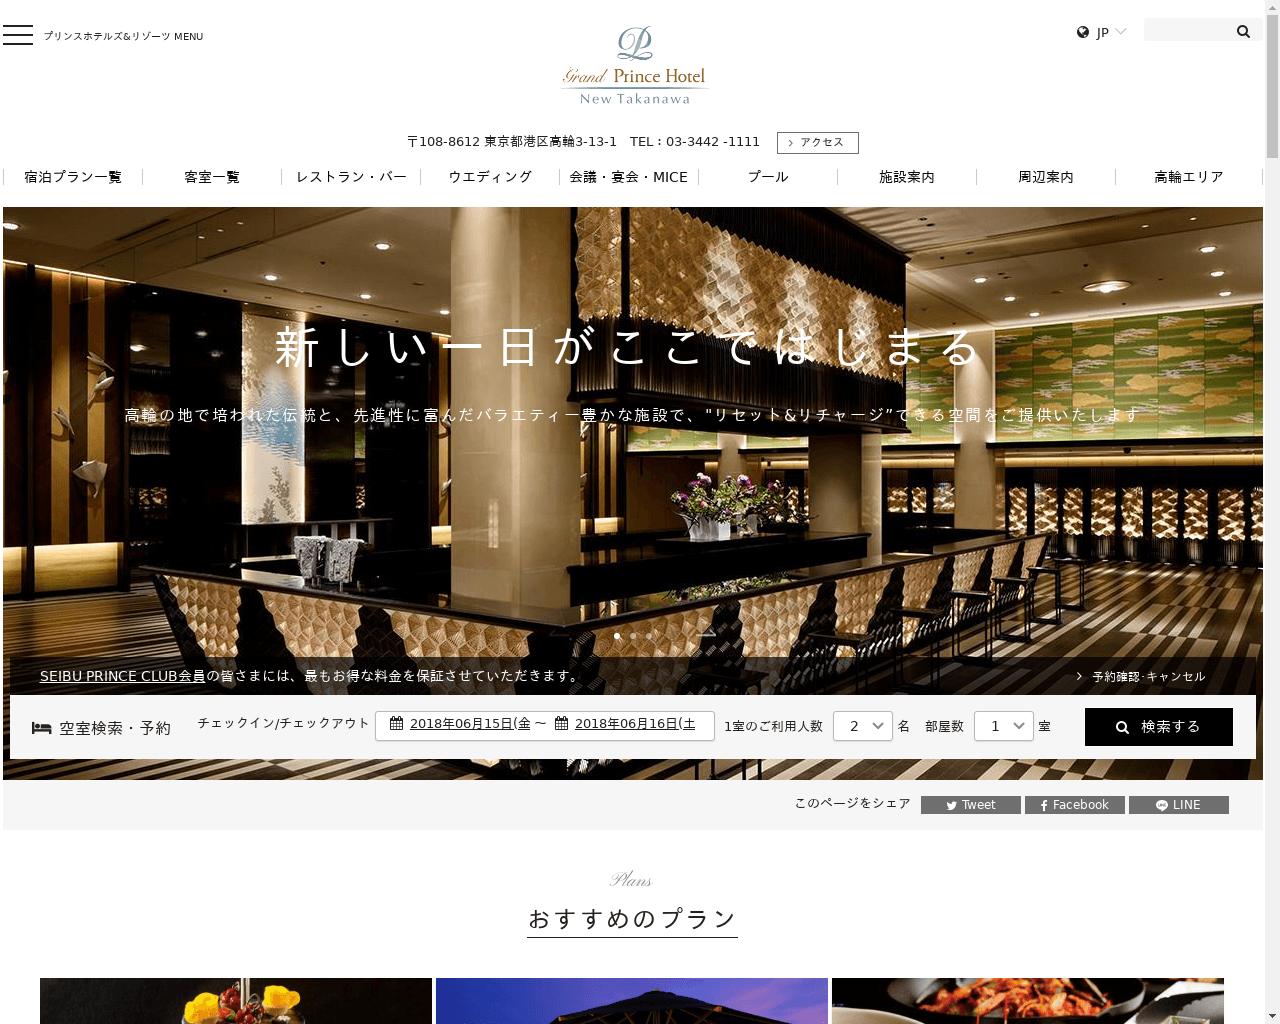 高級ホテル特集 グランドプリンスホテル新高輪